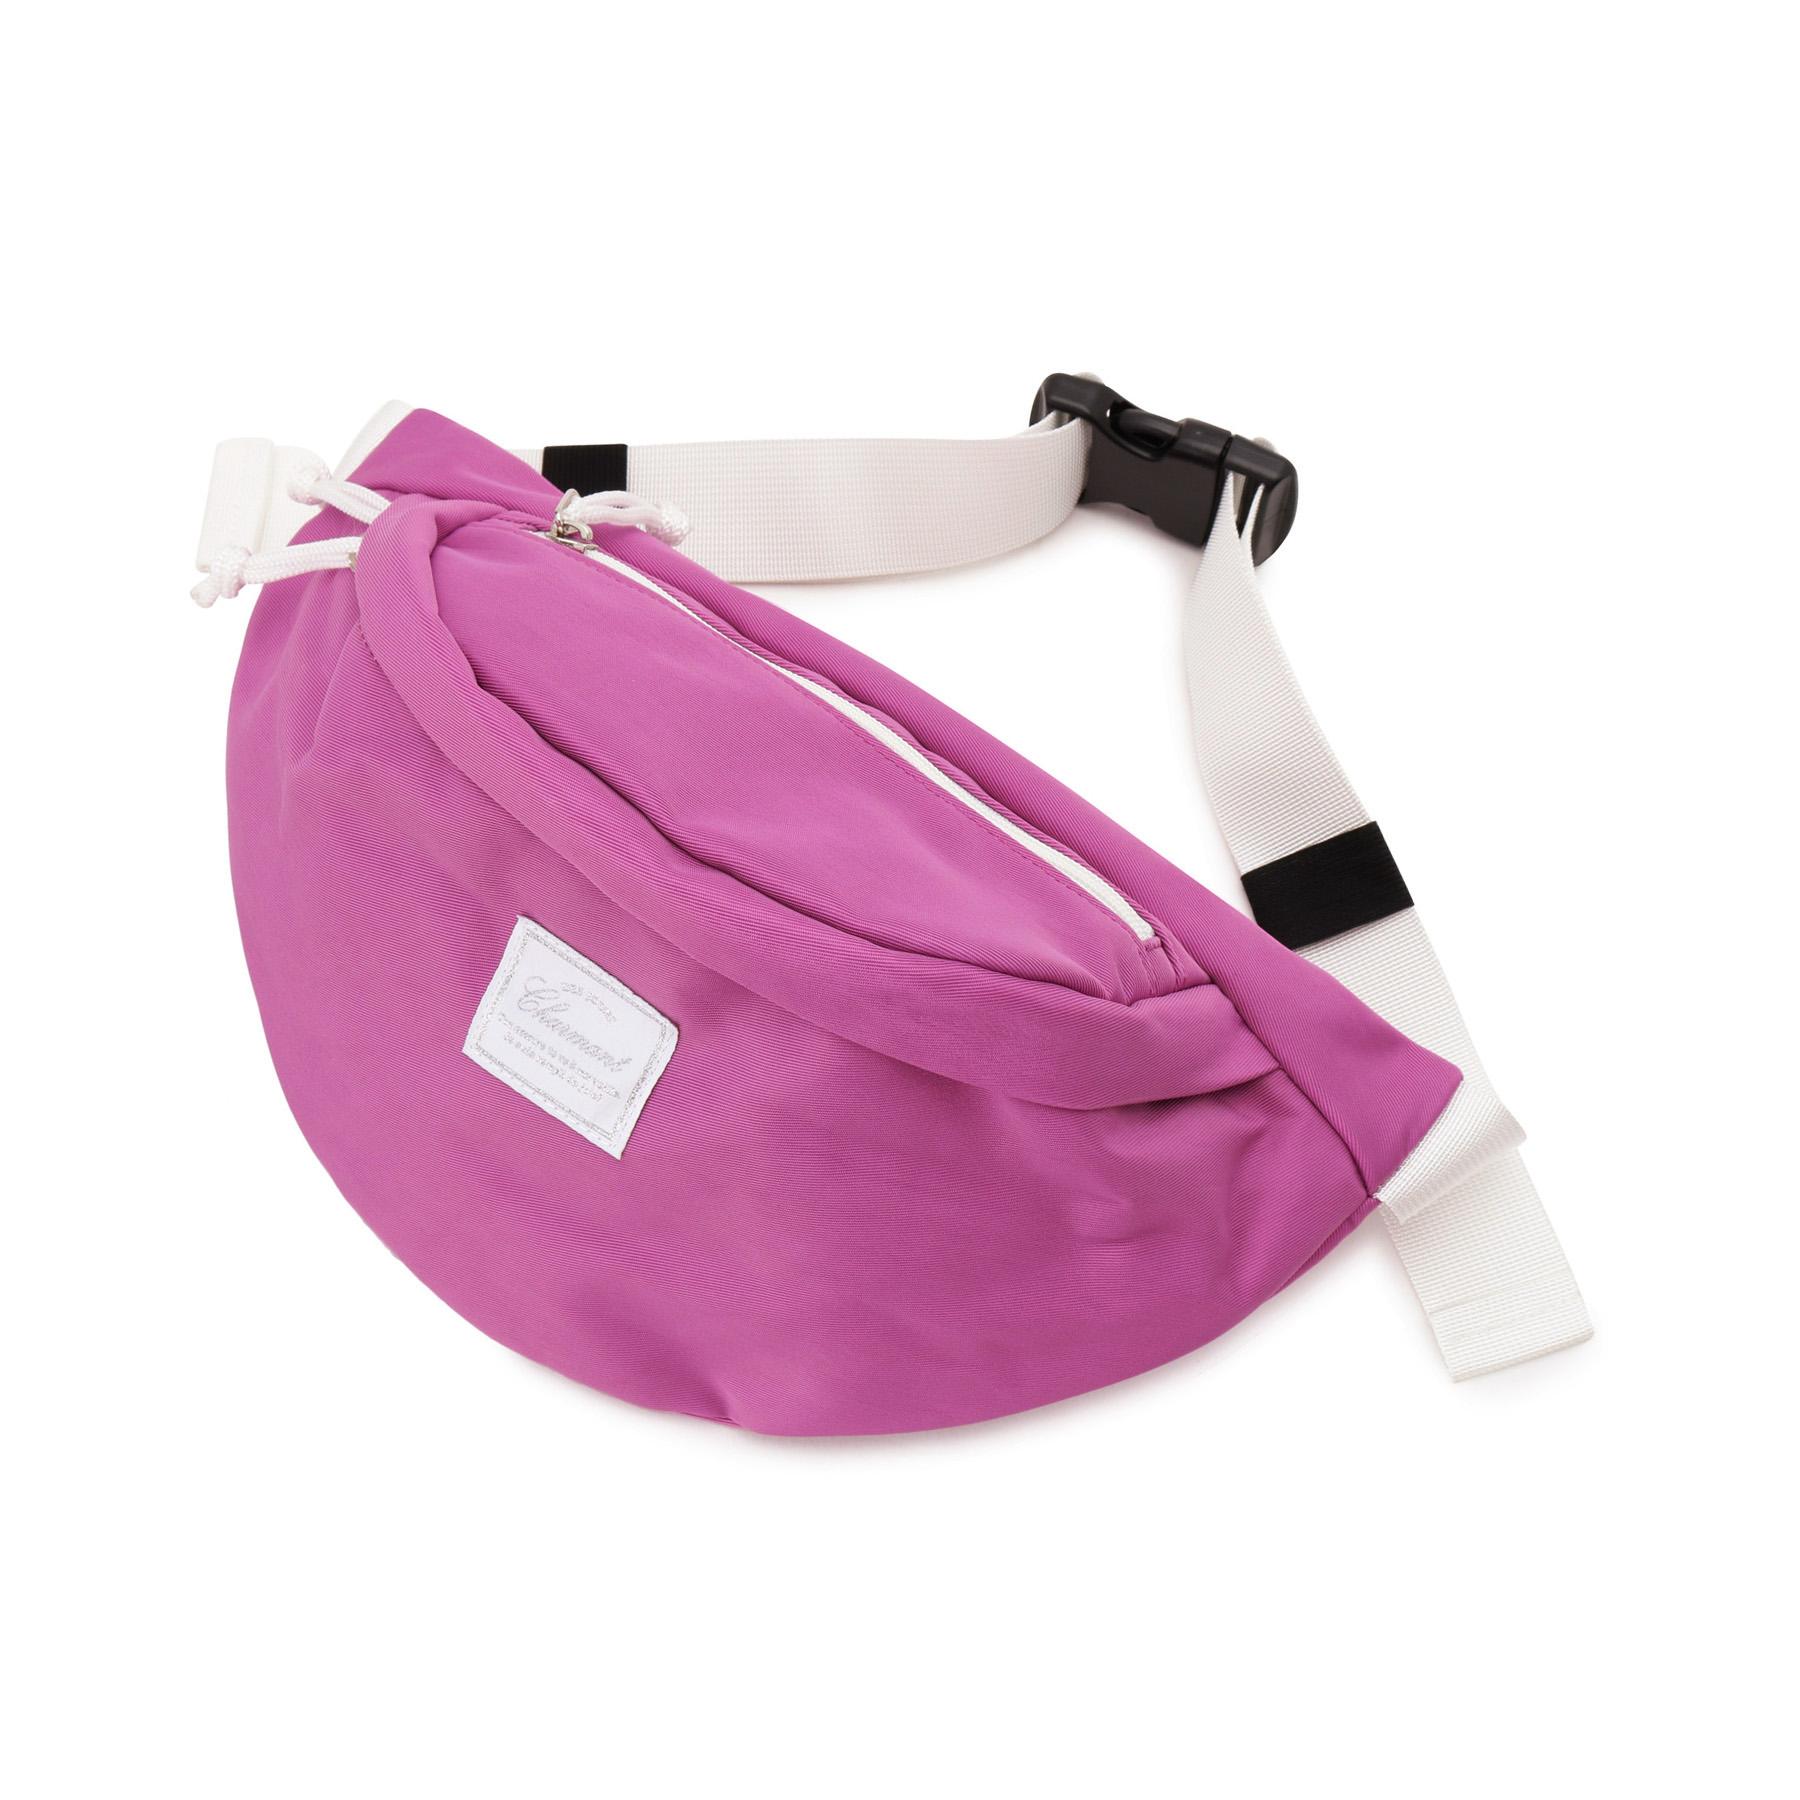 【HusHusH (ハッシュアッシュ)】ファスナーポケット付きウェストポーチレディース バッグ|ウエストポーチ ラズベリーピンク